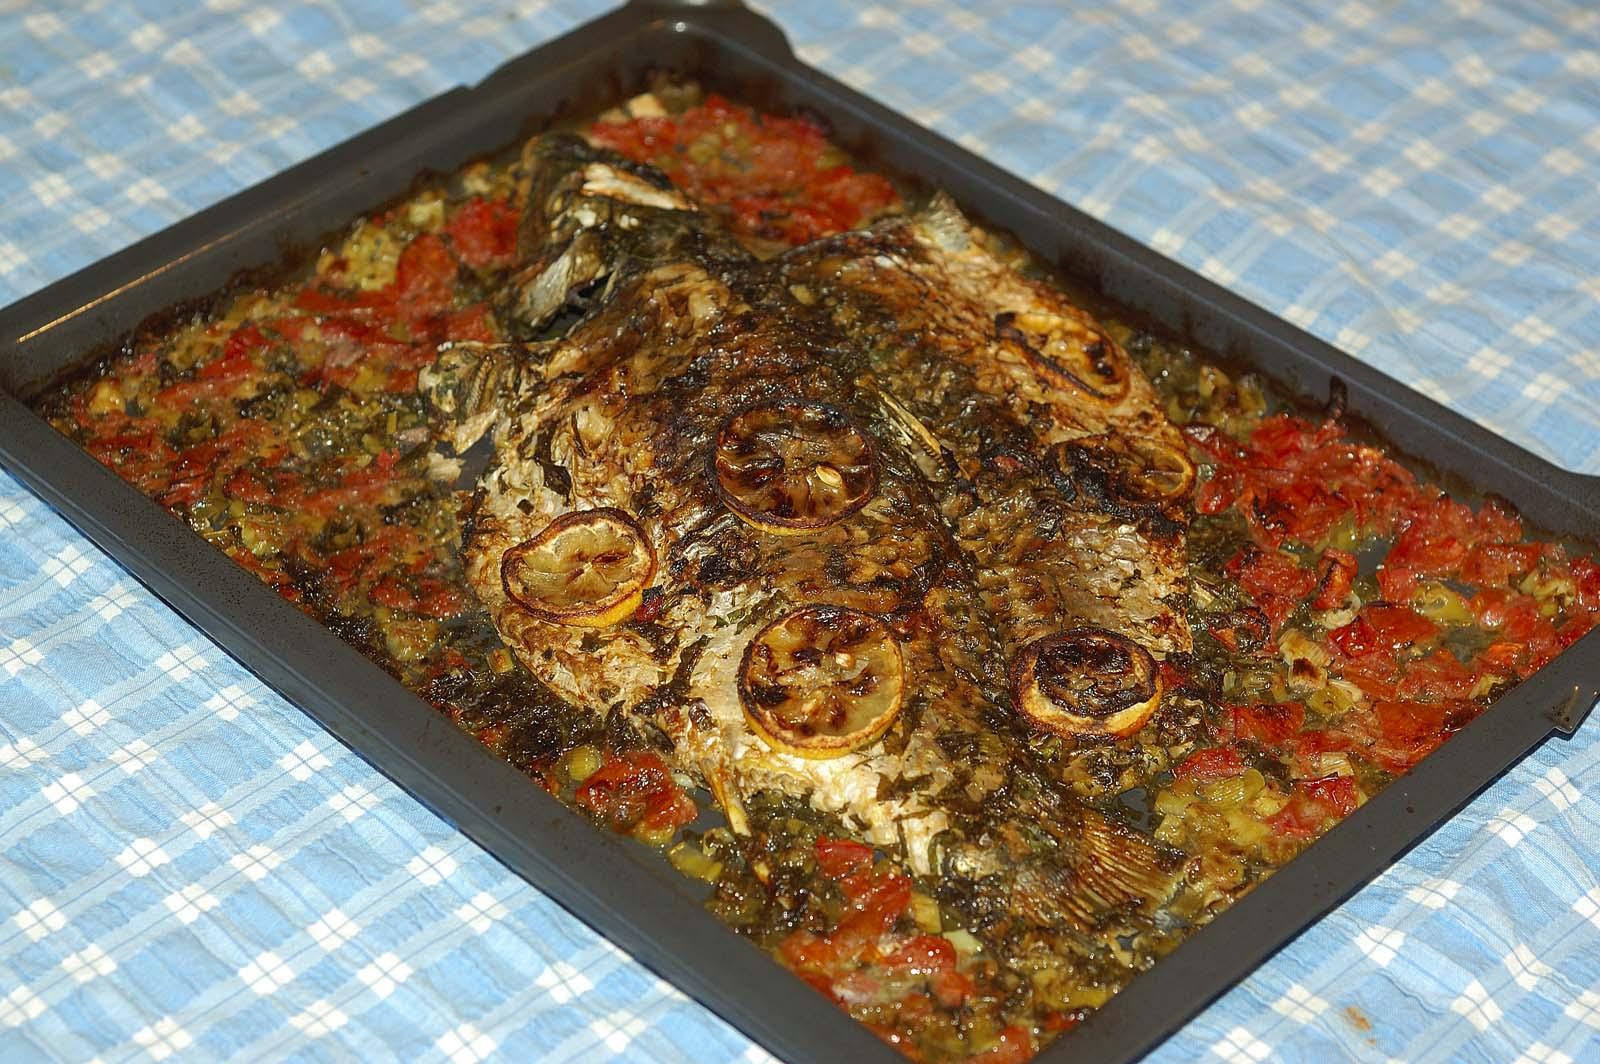 A carp pan